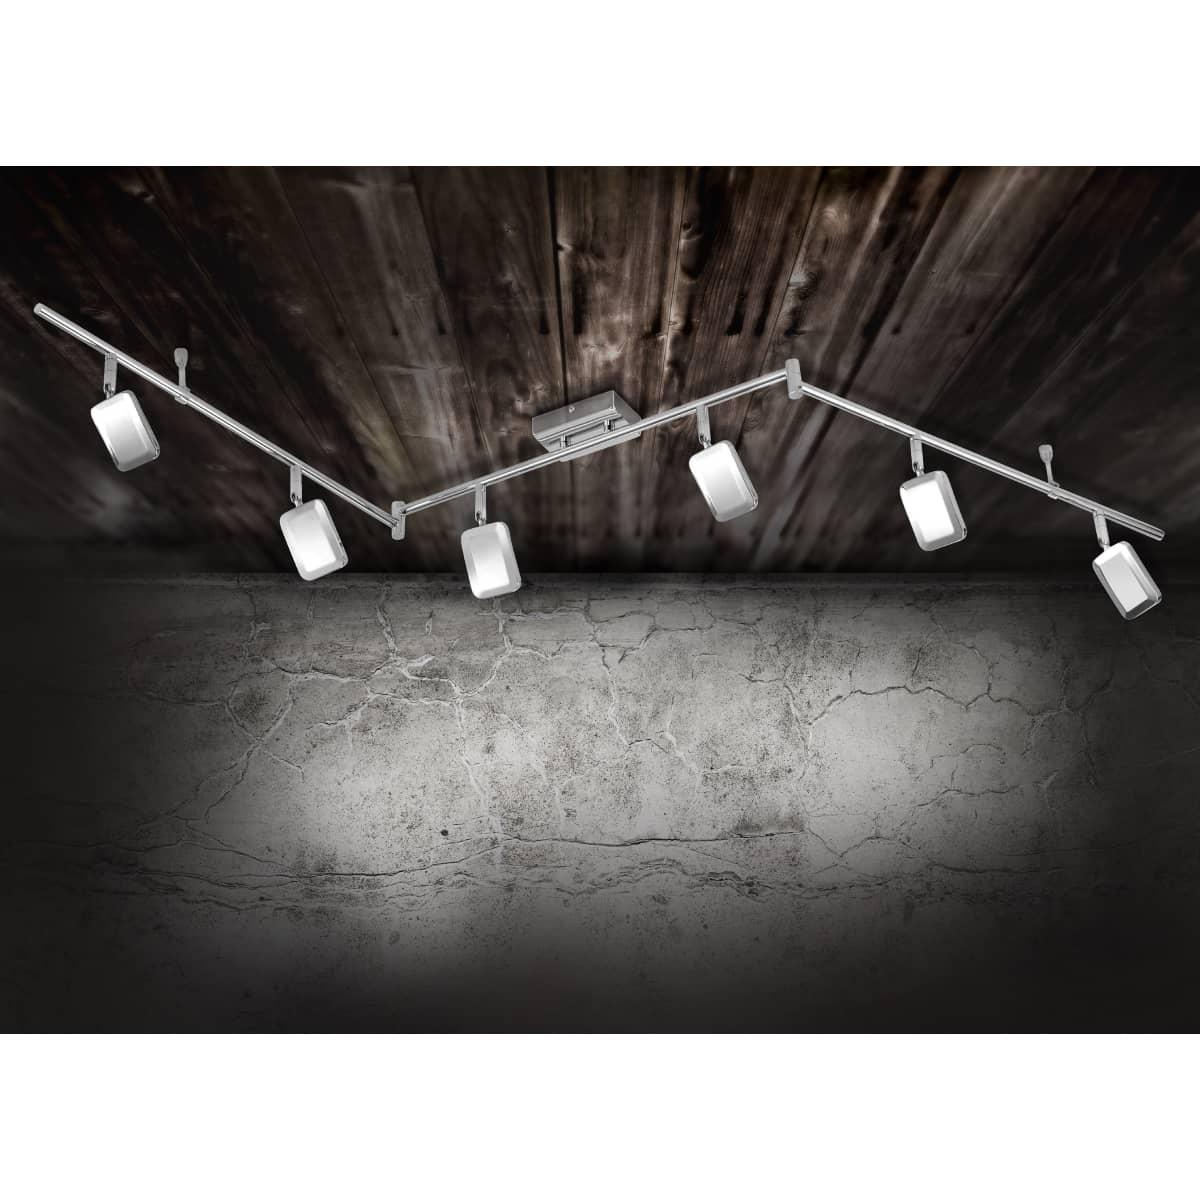 LED-Deckenleuchte in Chrom mit 6 verstellbaren Leuchtköpfen und warmweißer Lichtfarbe ist energiesparend